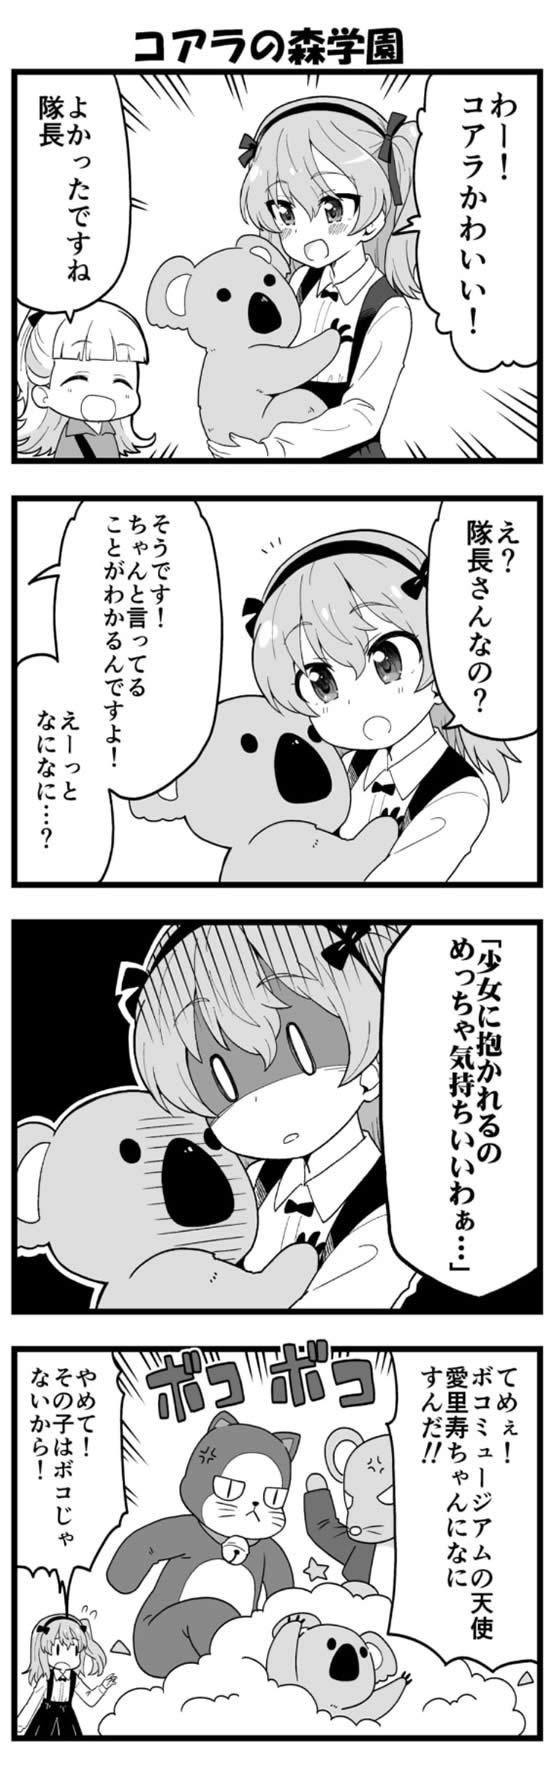 ガールズ&パンツァー 島田愛里寿 コアラ隊長 コアラの森学園 漫画01